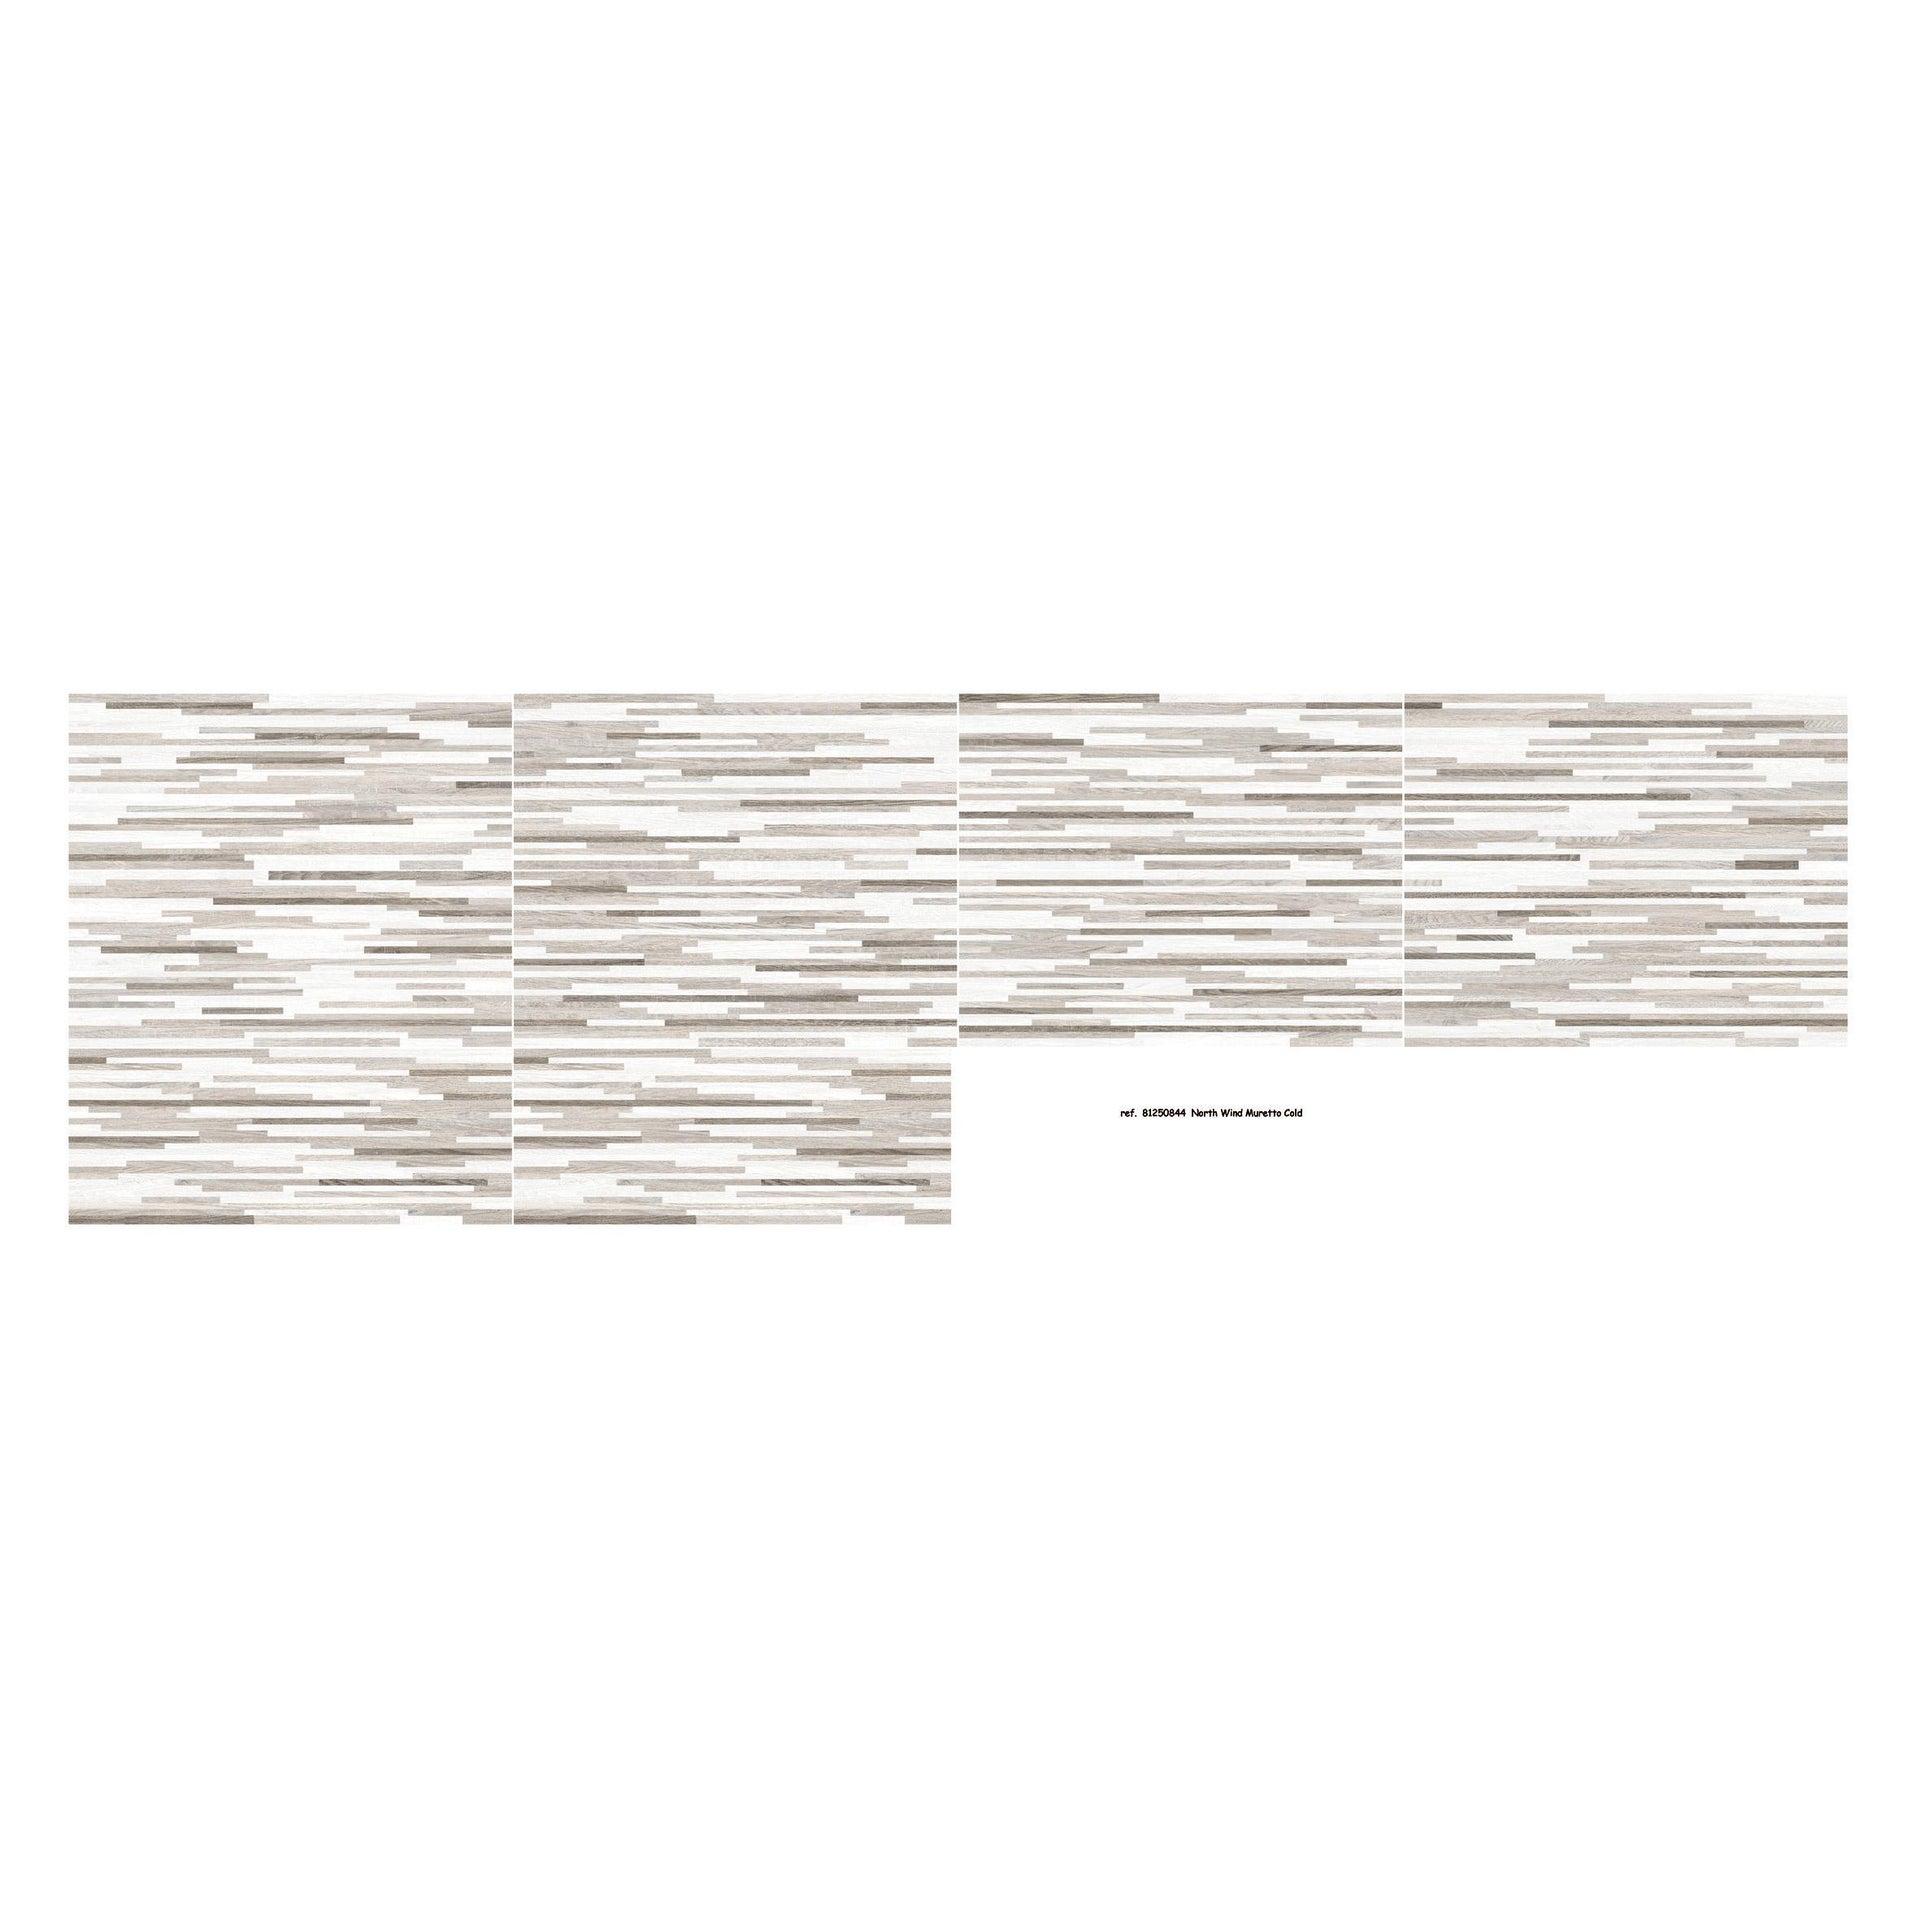 Piastrella per rivestimenti North Wind 20 x 50 cm sp. 0.8 mm grigio - 2